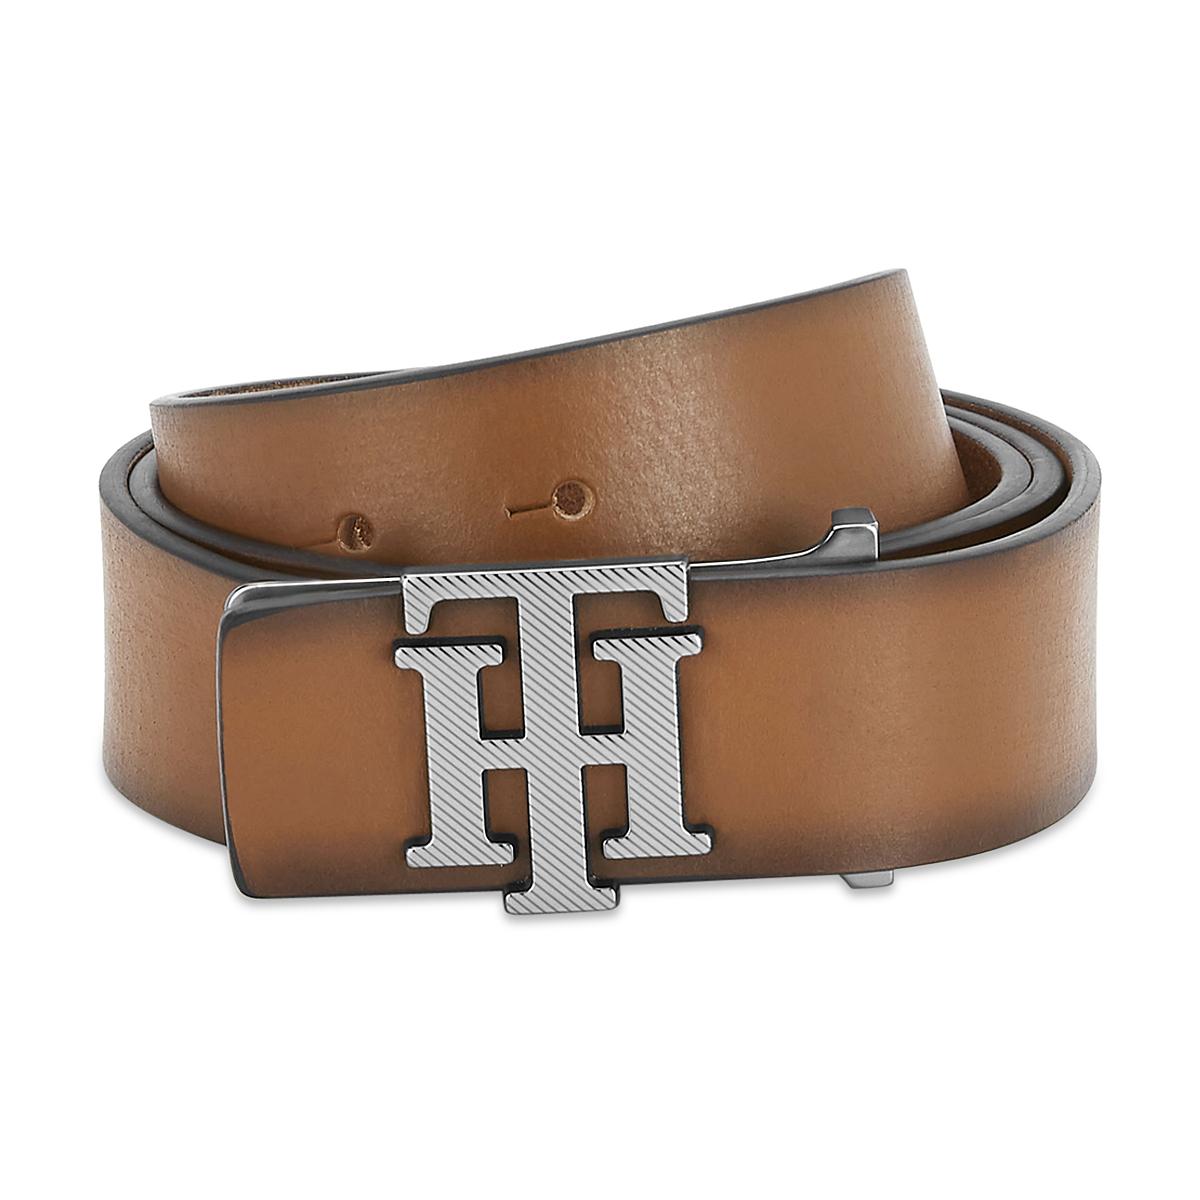 Tommy Hilfiger Leather Mens Solid Tan Gem Non Reversible Belt